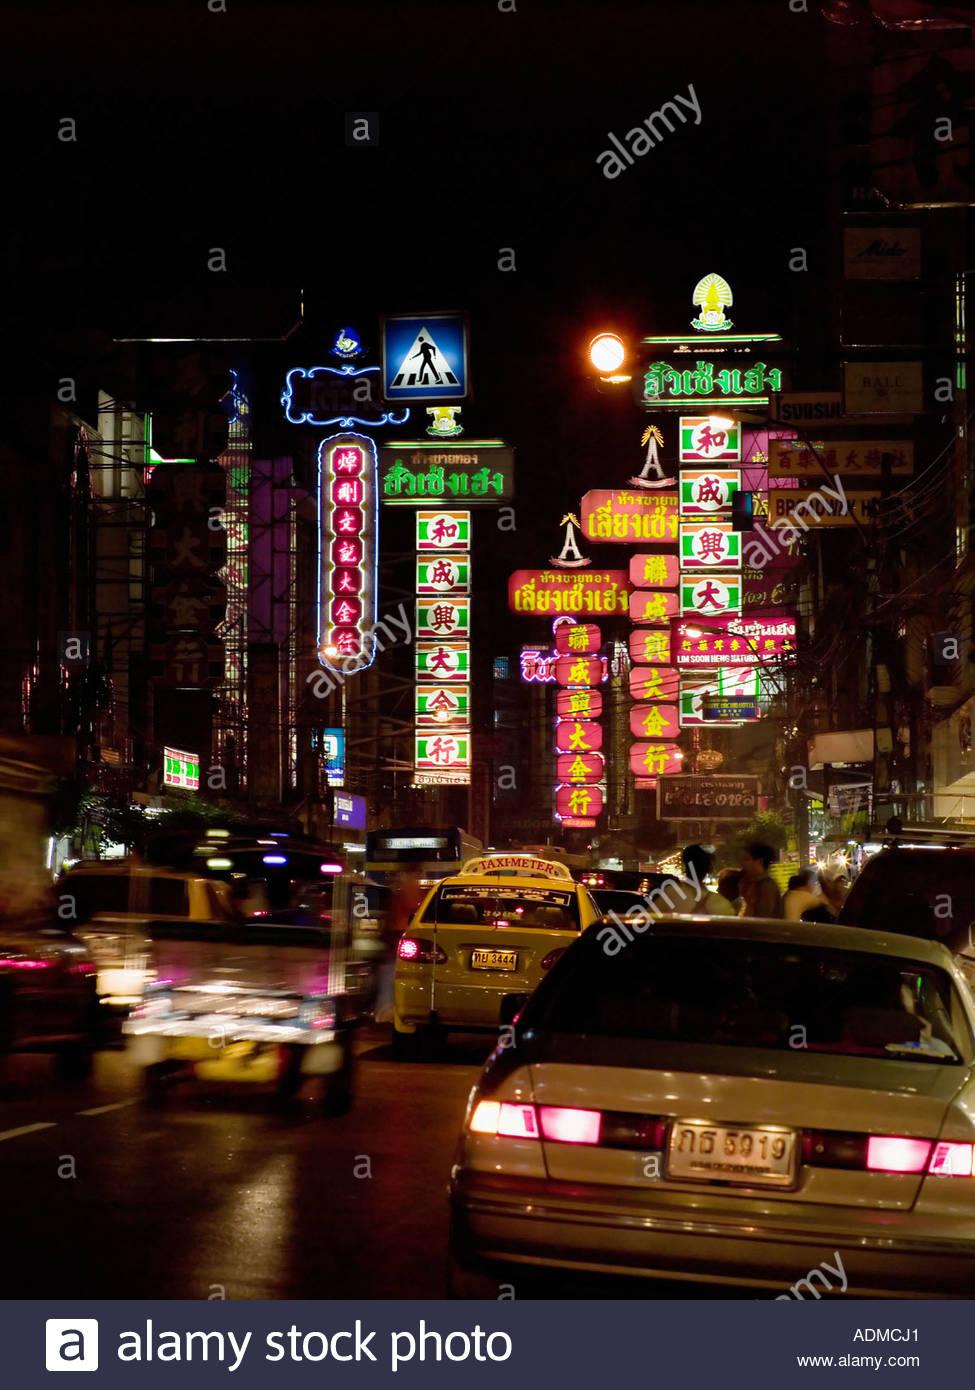 Bangkok street at night Photo Stock